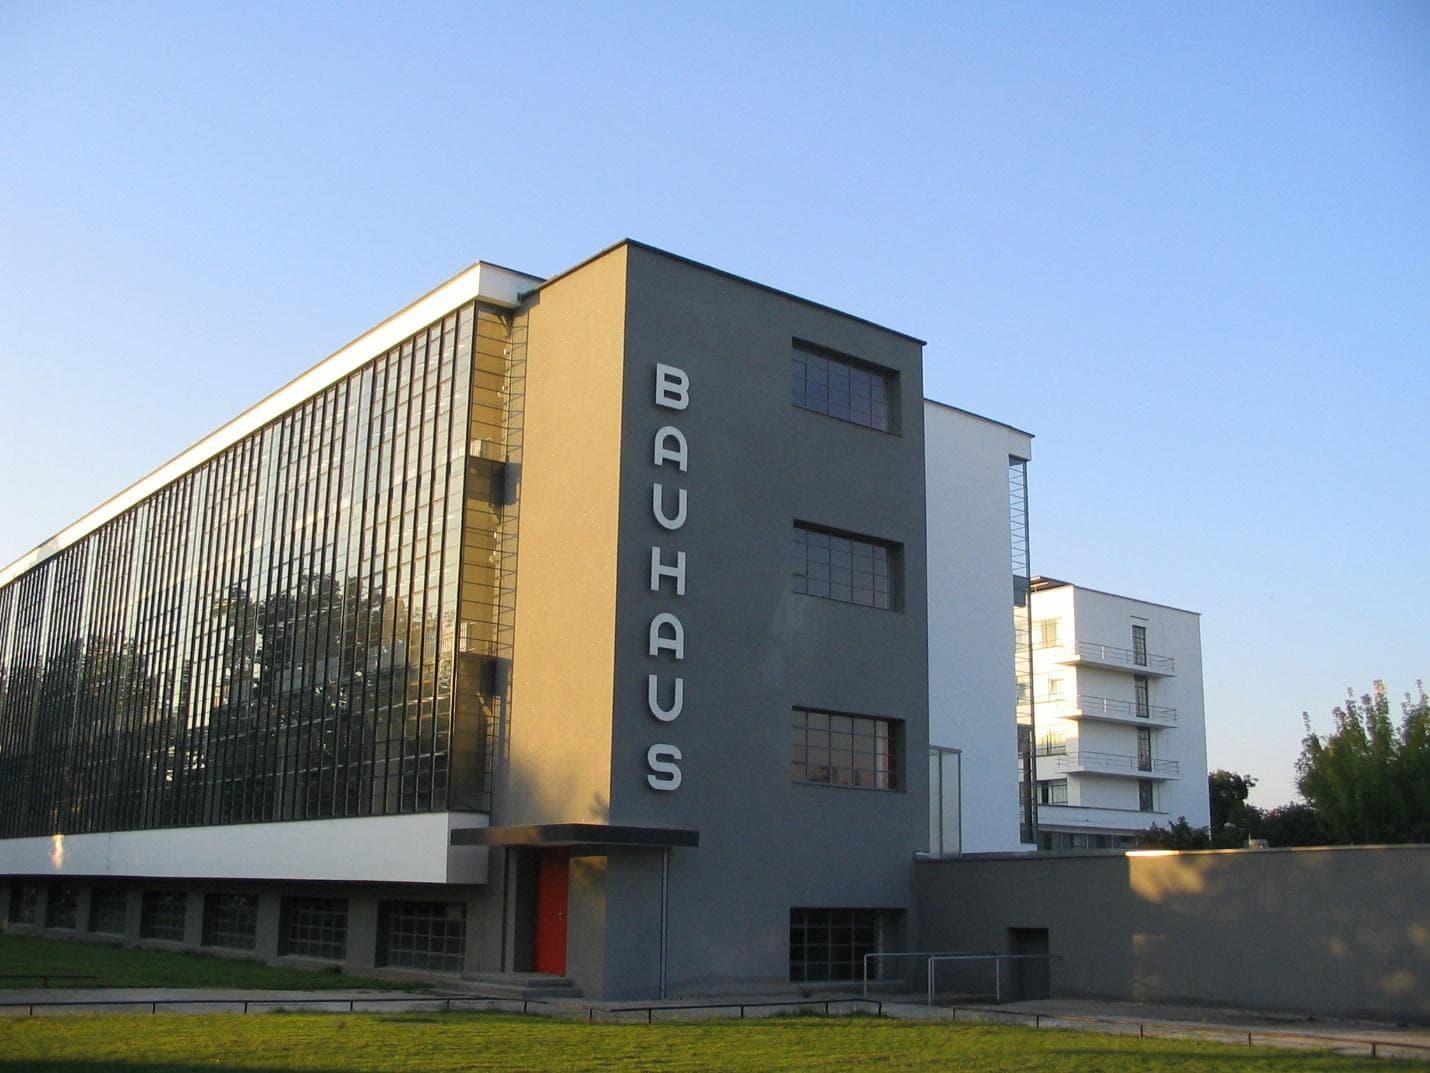 باوهاوس (Bauhaus)